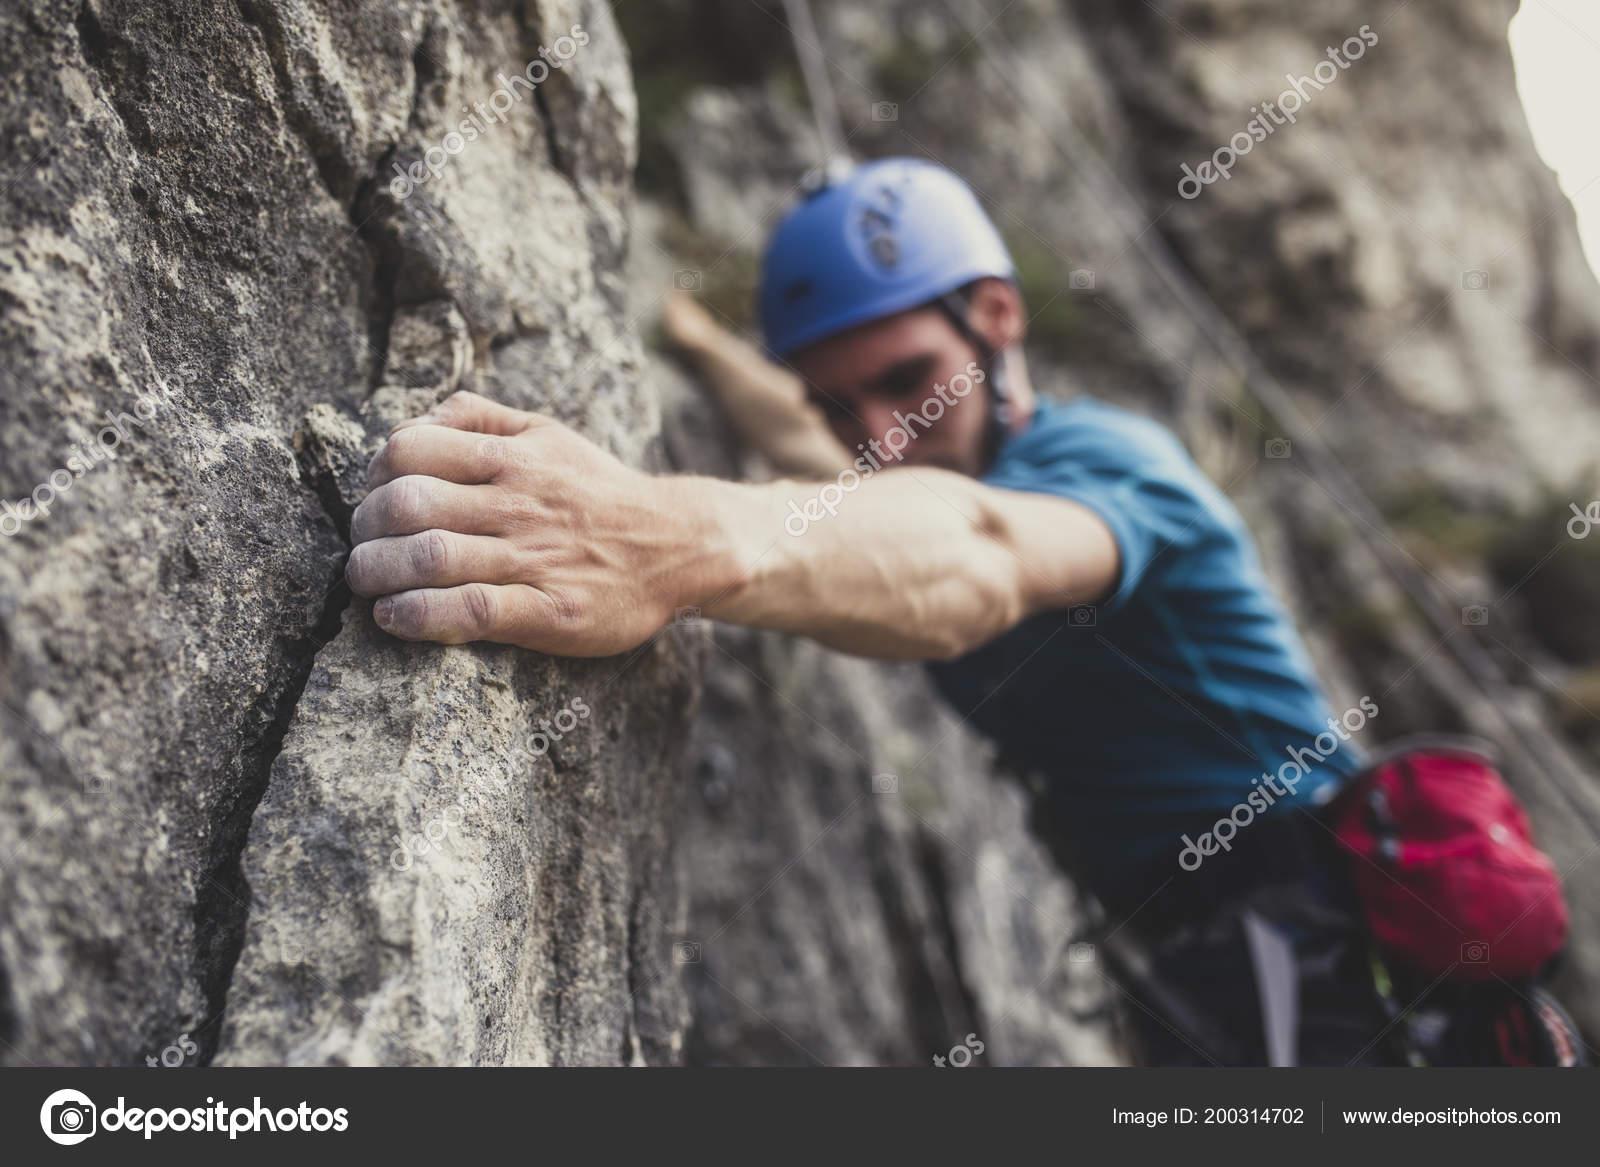 Kletterausrüstung Outdoor : Ein mann einen outdoor natürlichen felsen klettern u stockfoto